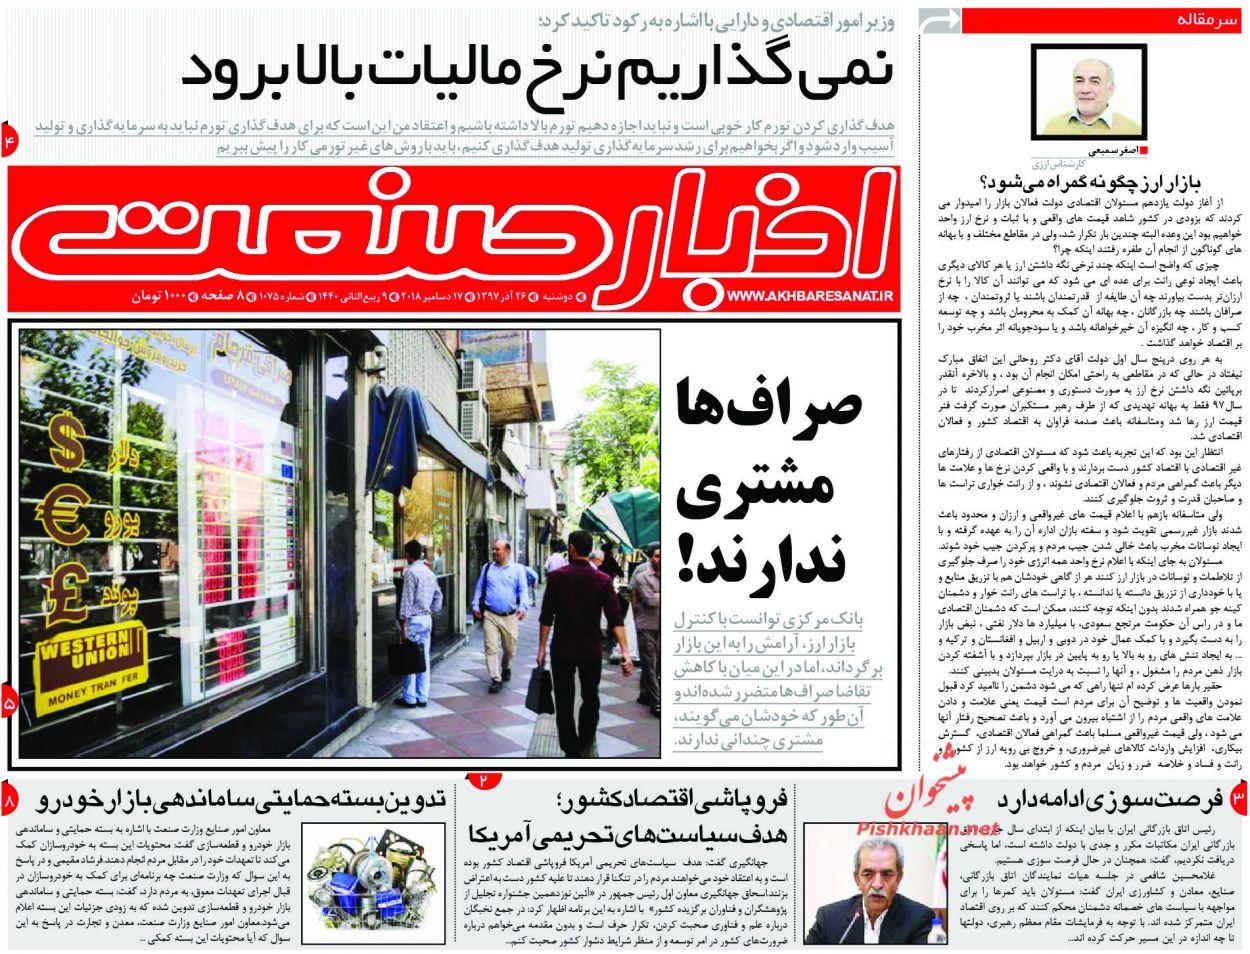 صفحه نخست روزنامههای اقتصادی ۲۶ آذر ماه